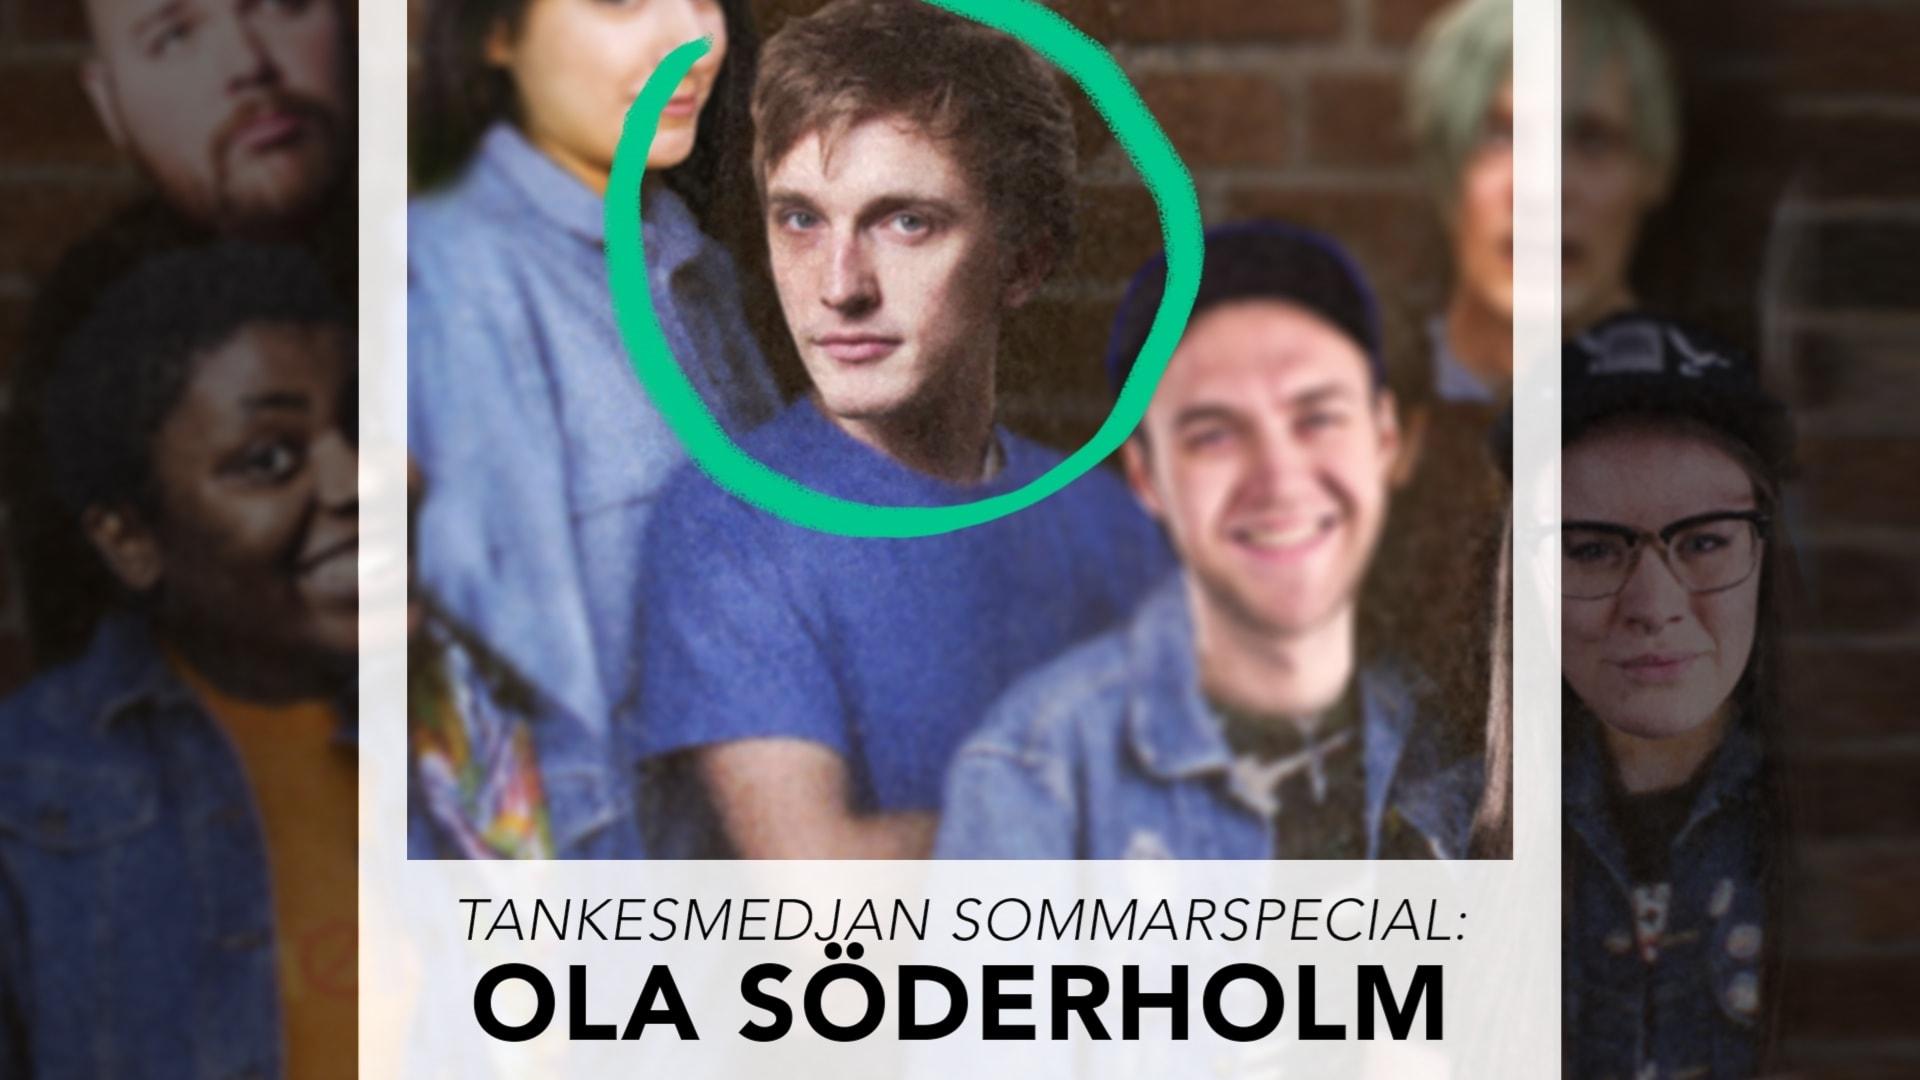 Tankesmedjan sommarspecial: Ola Söderholm!